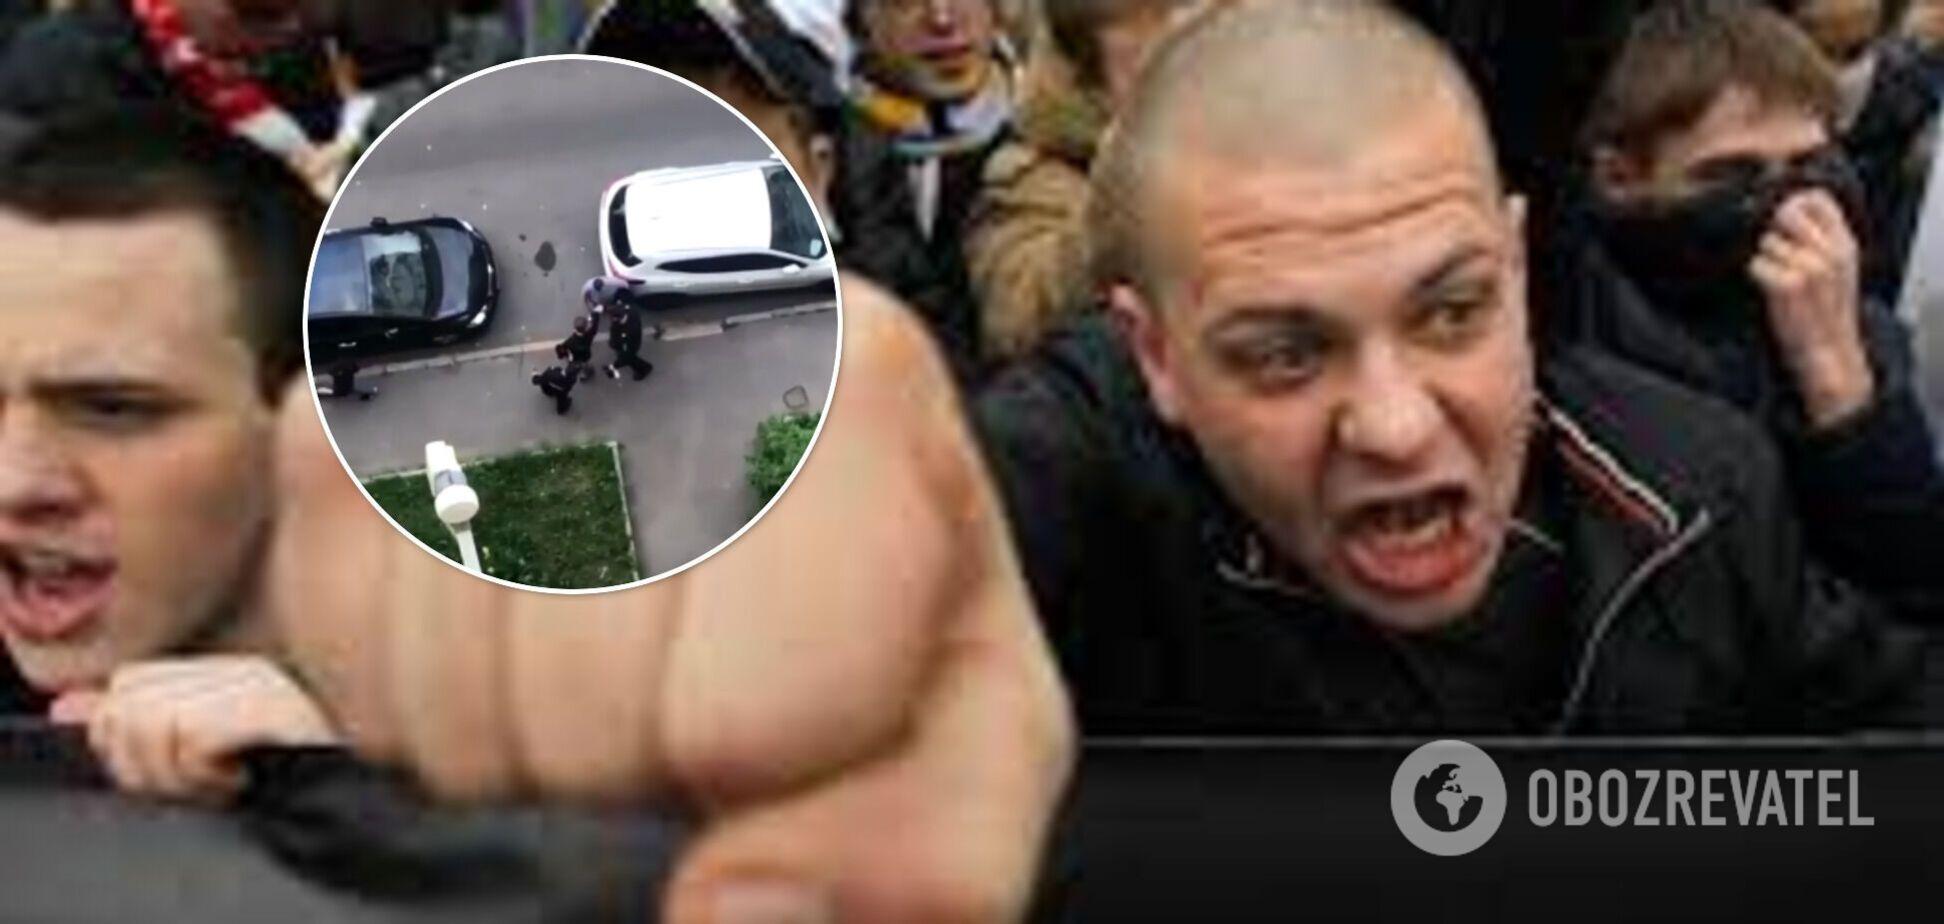 В Москве произошла массовая драка со стрельбой между скинхедами и антифа. Видео